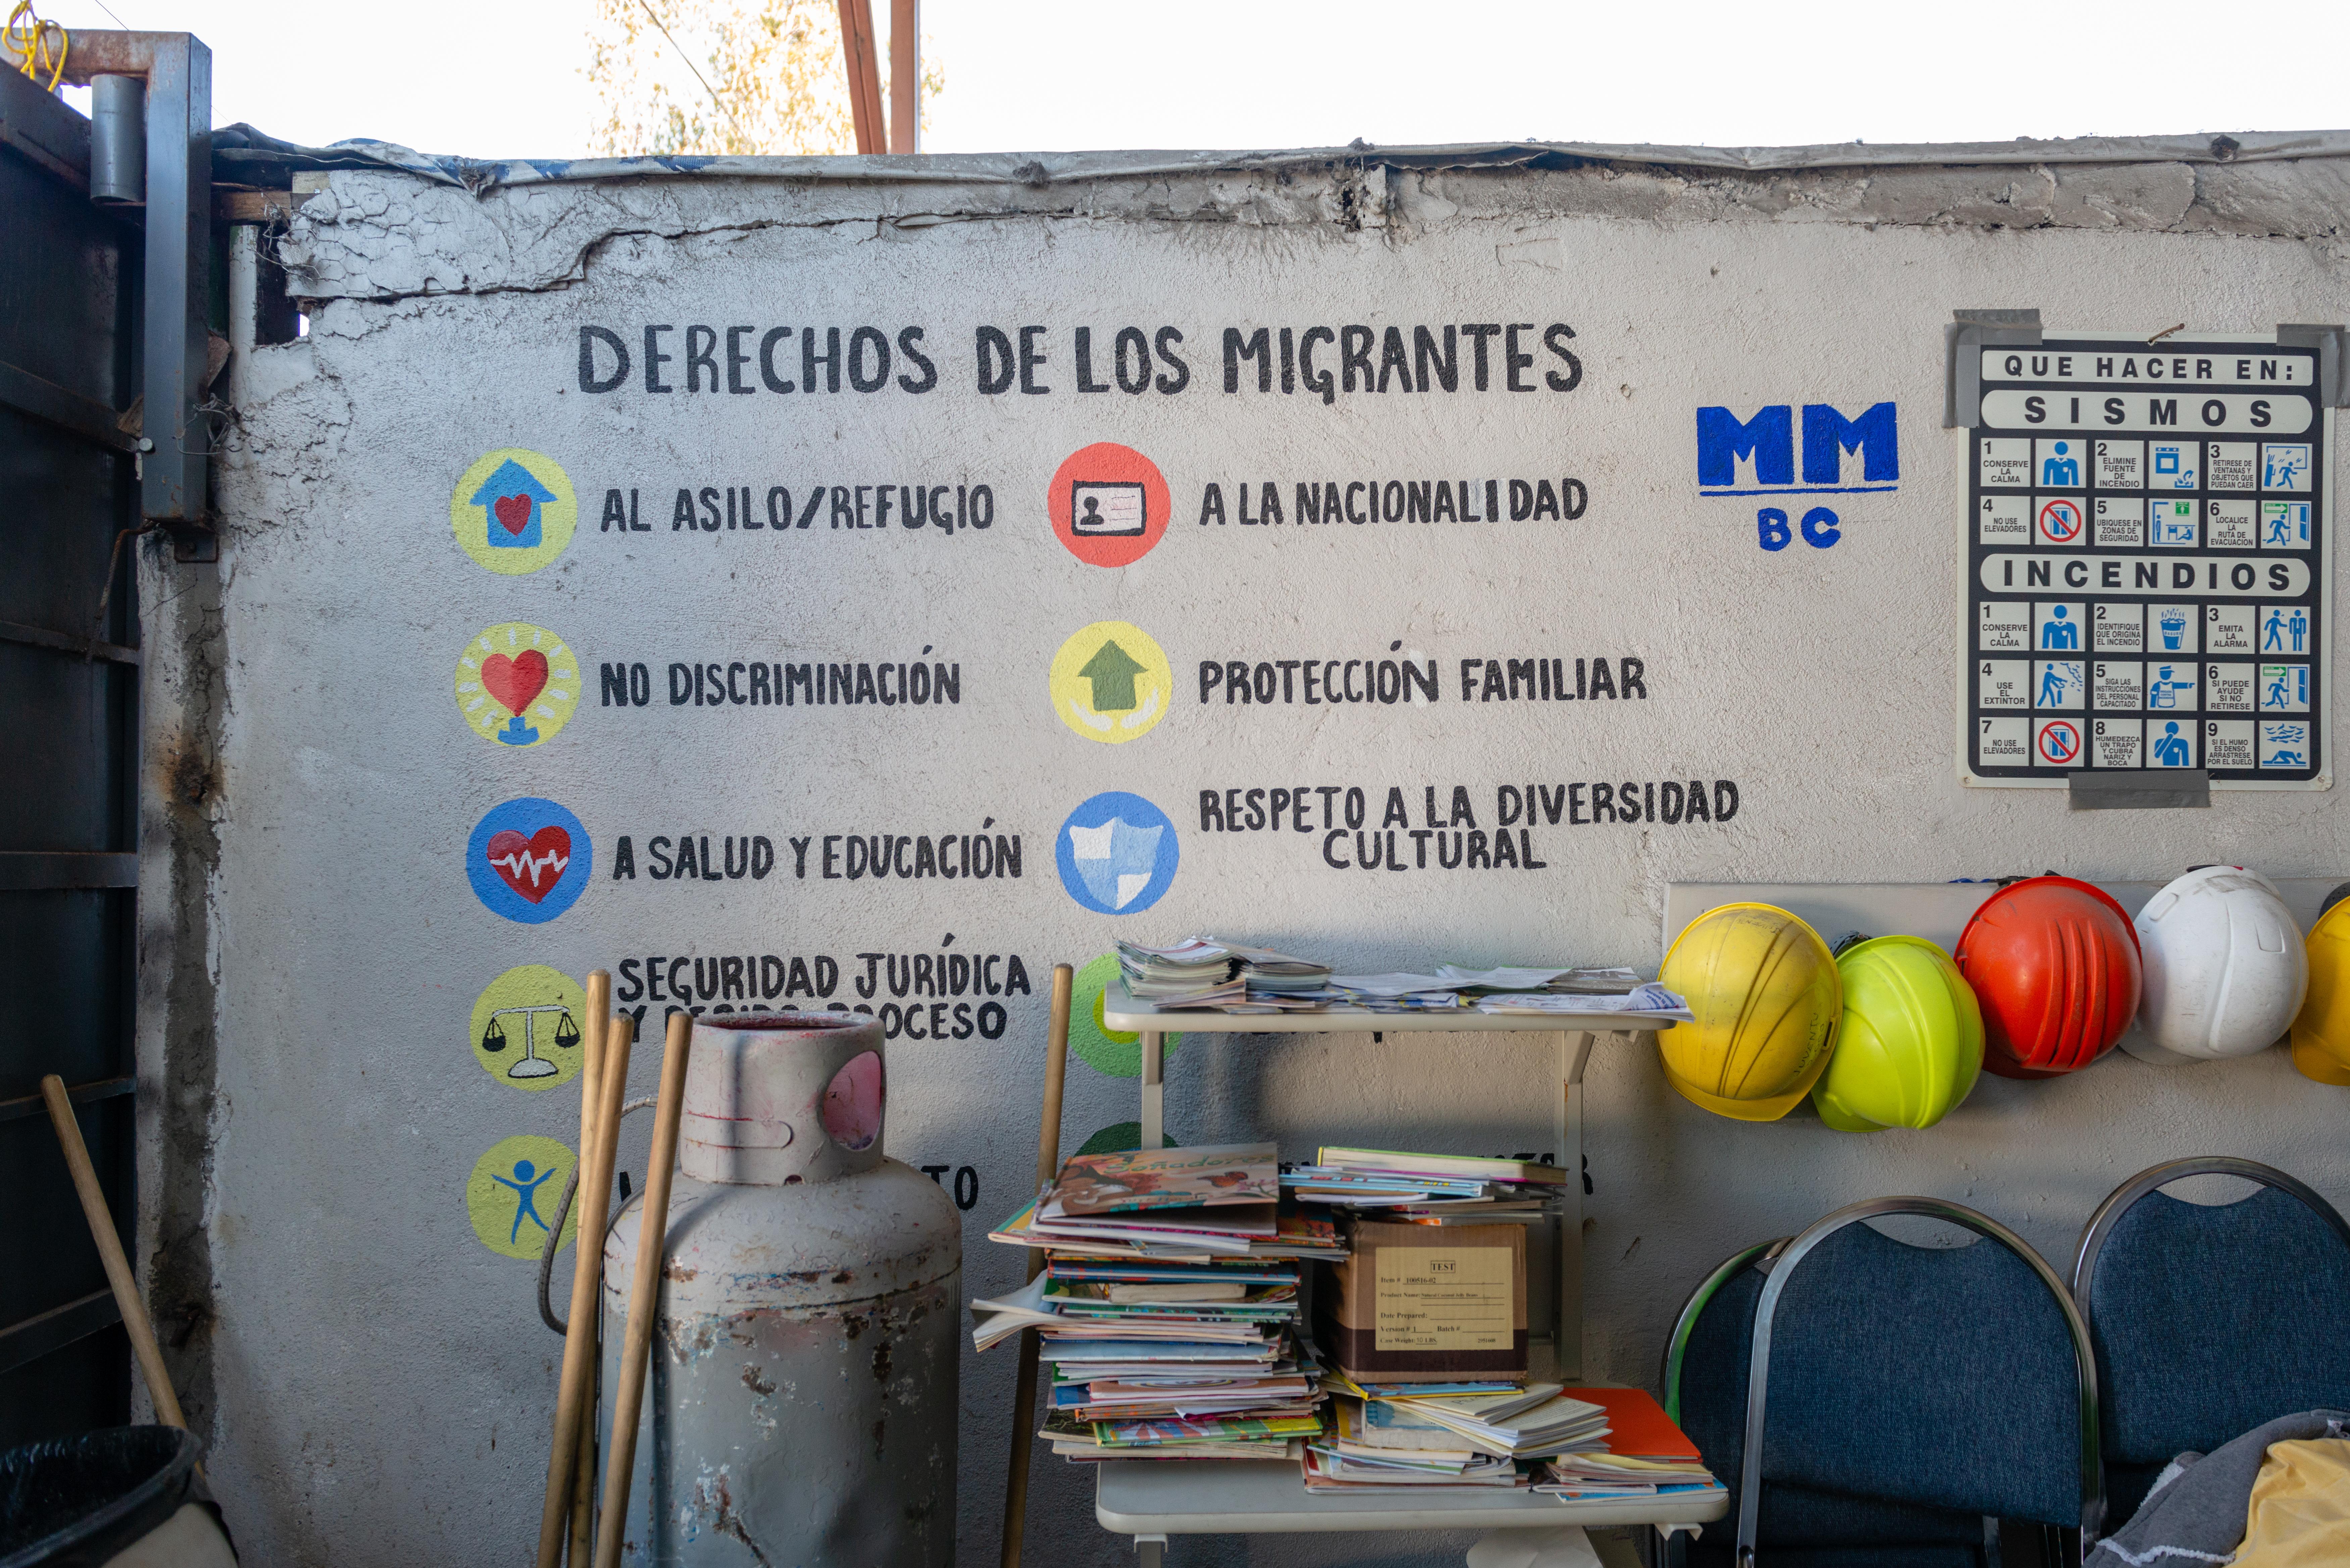 Un mural dentro del refugio 'Movimiento Juventud 2000' explica los derechos de los migrantes.